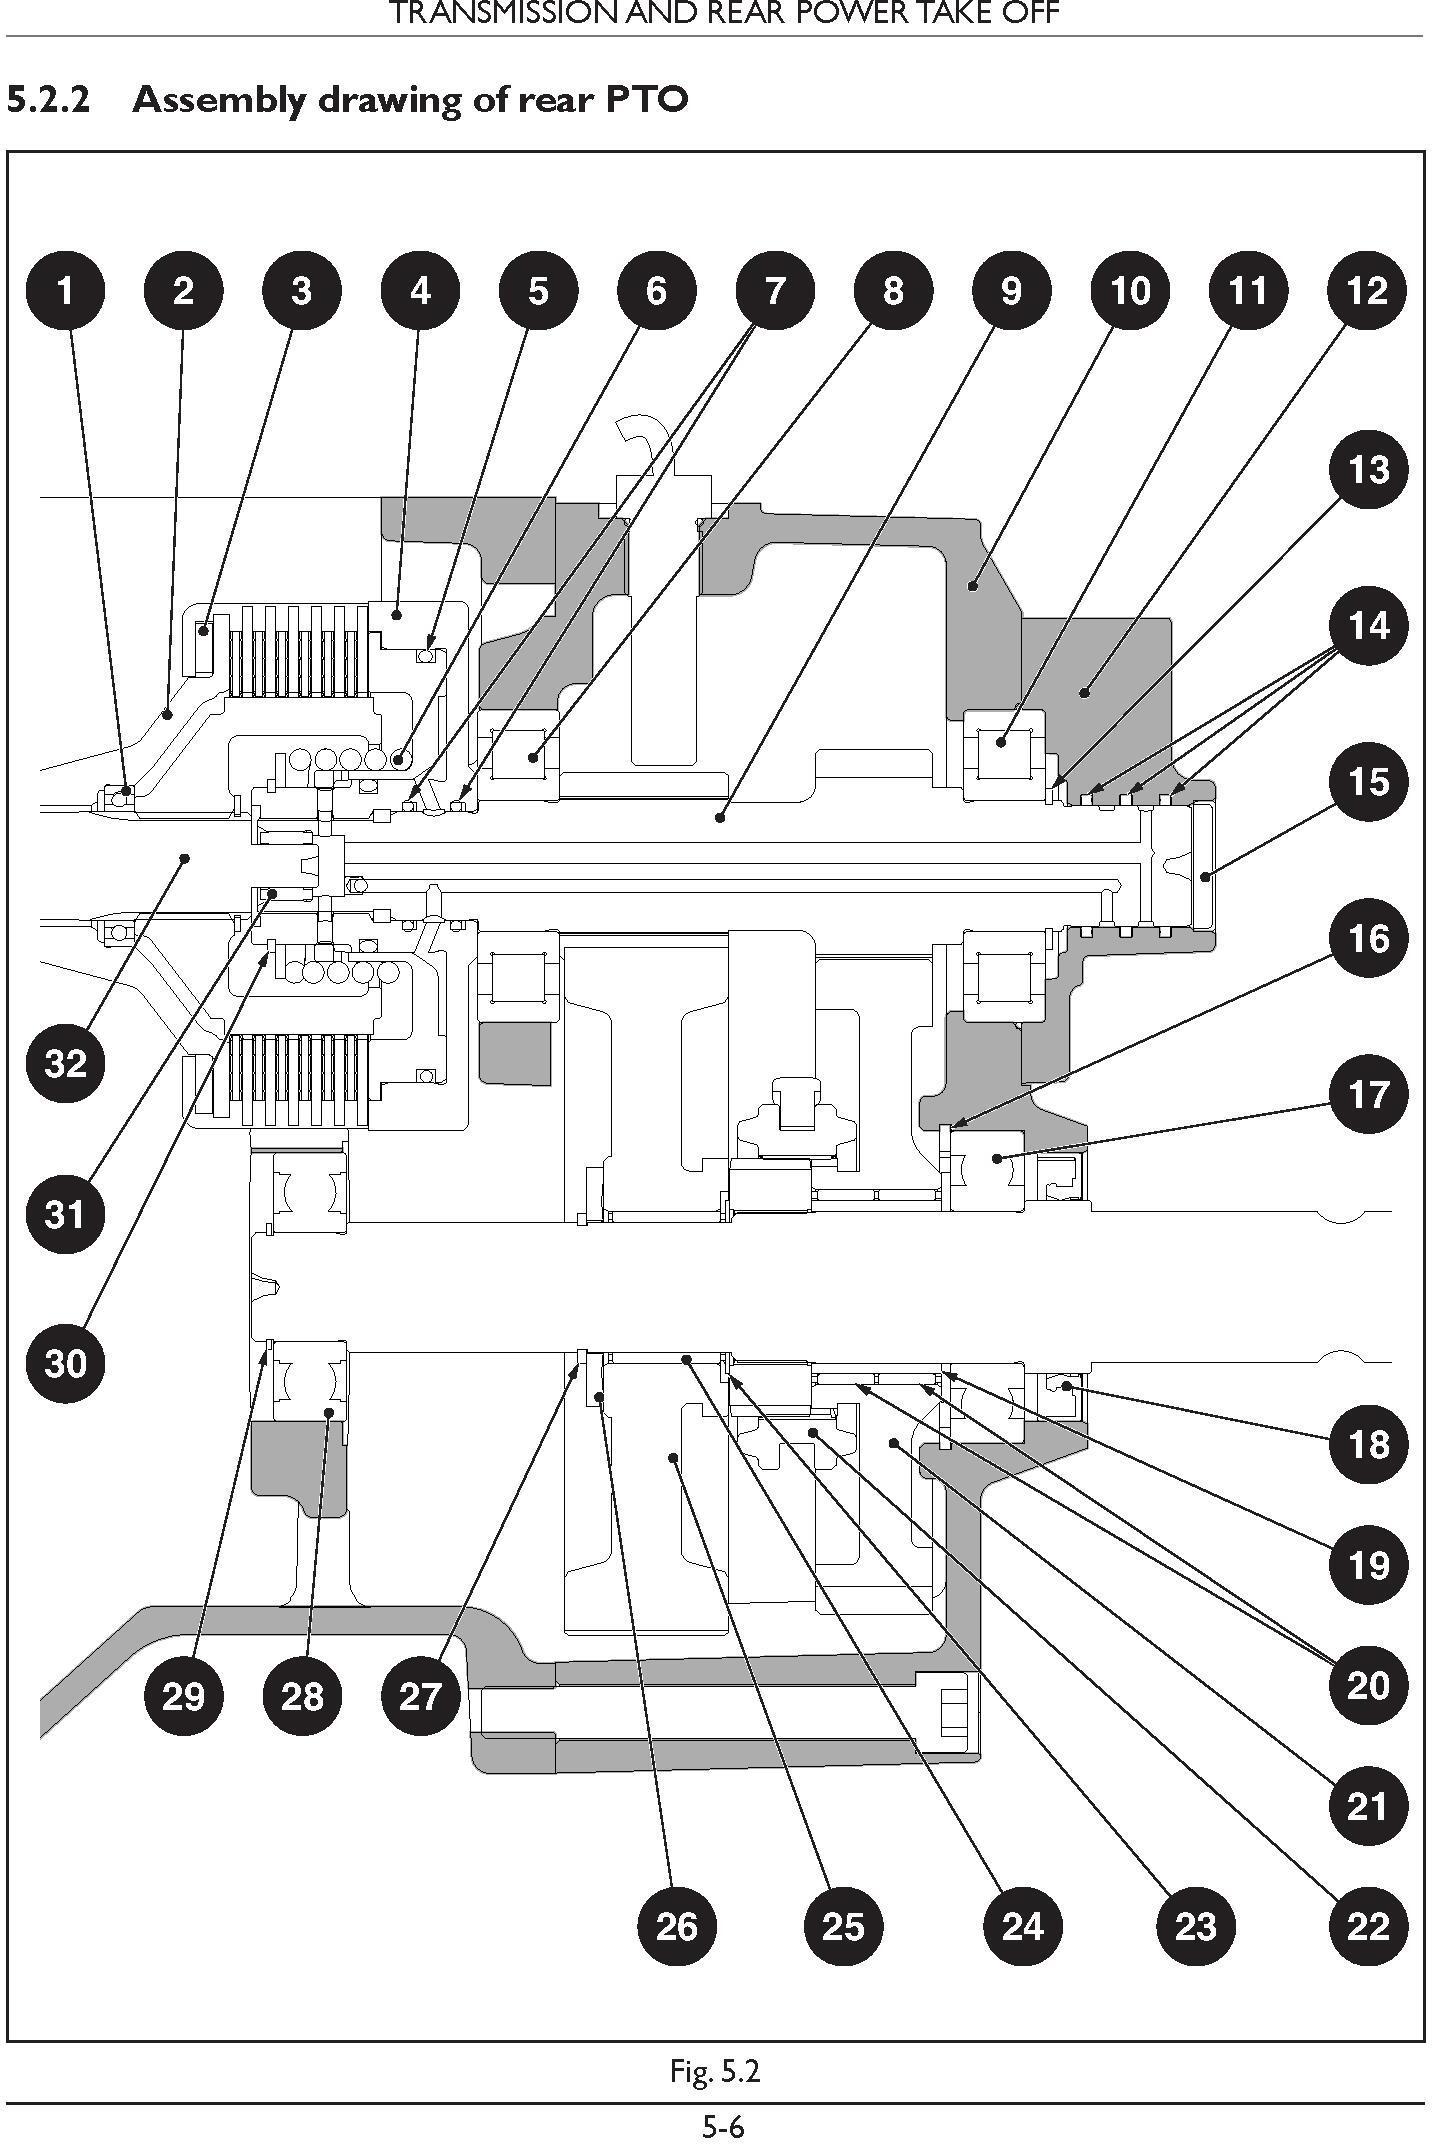 New Holland TI4.70 RS, TI4.80 RS, TI4.90 RS, TI4.100 RS Tractor Service Manual - 3